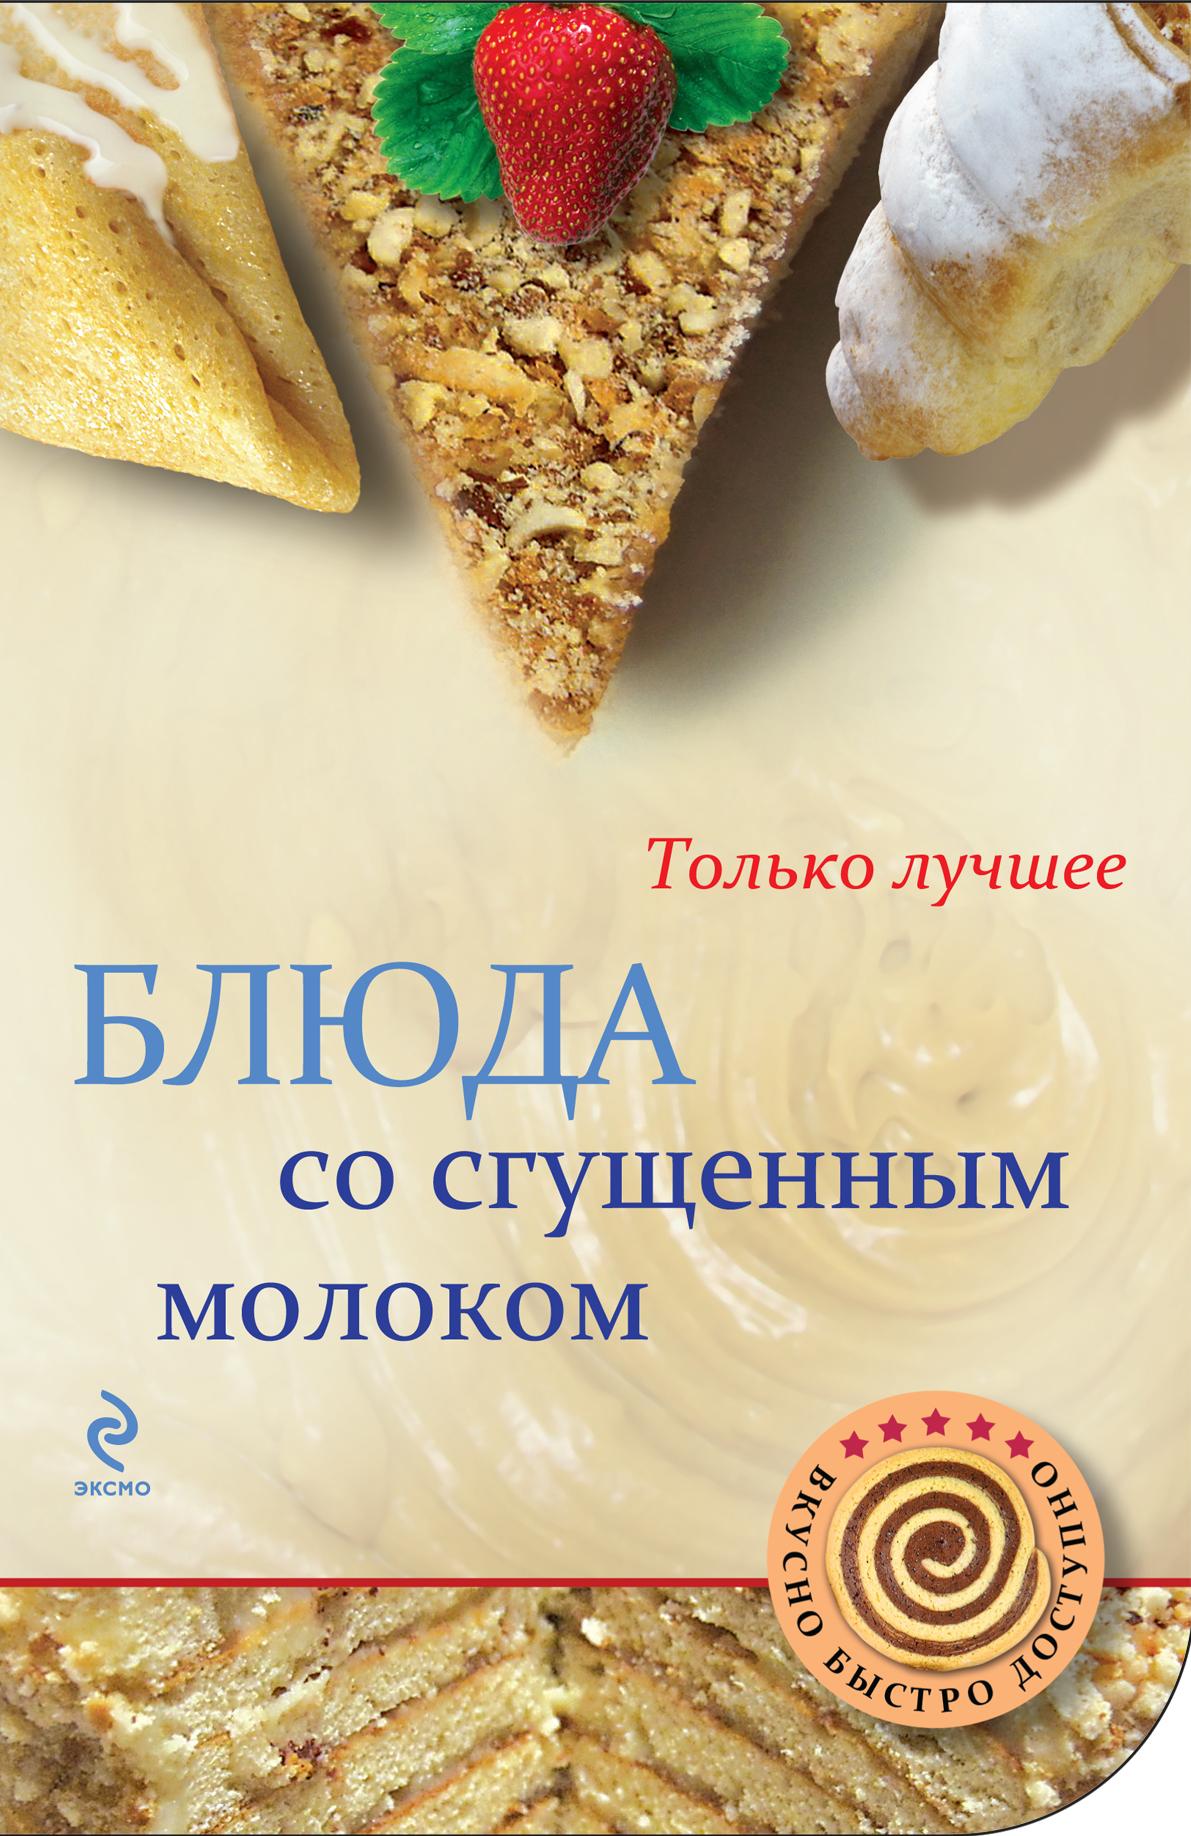 Блюда со сгущенным молоком от book24.ru